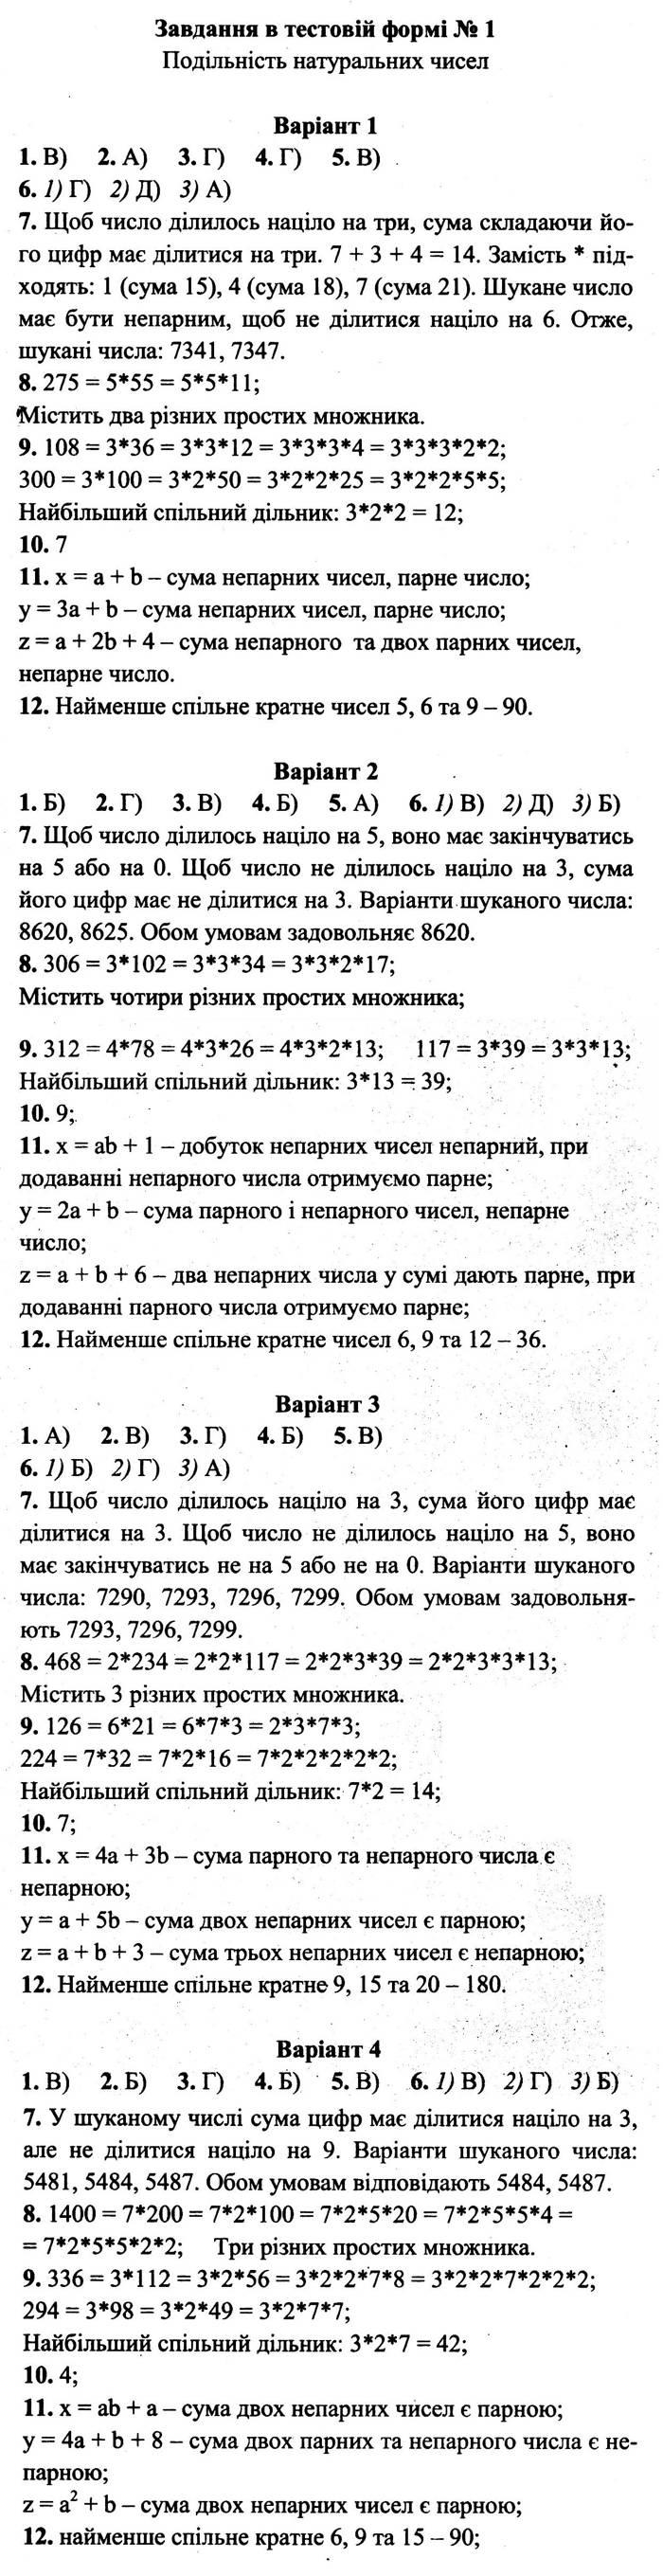 Розв'язання завдань до тестової роботи 1 посібника 6 клас Математика Мерзляк (збірник самостійних робіт і тестів) 2020 рік